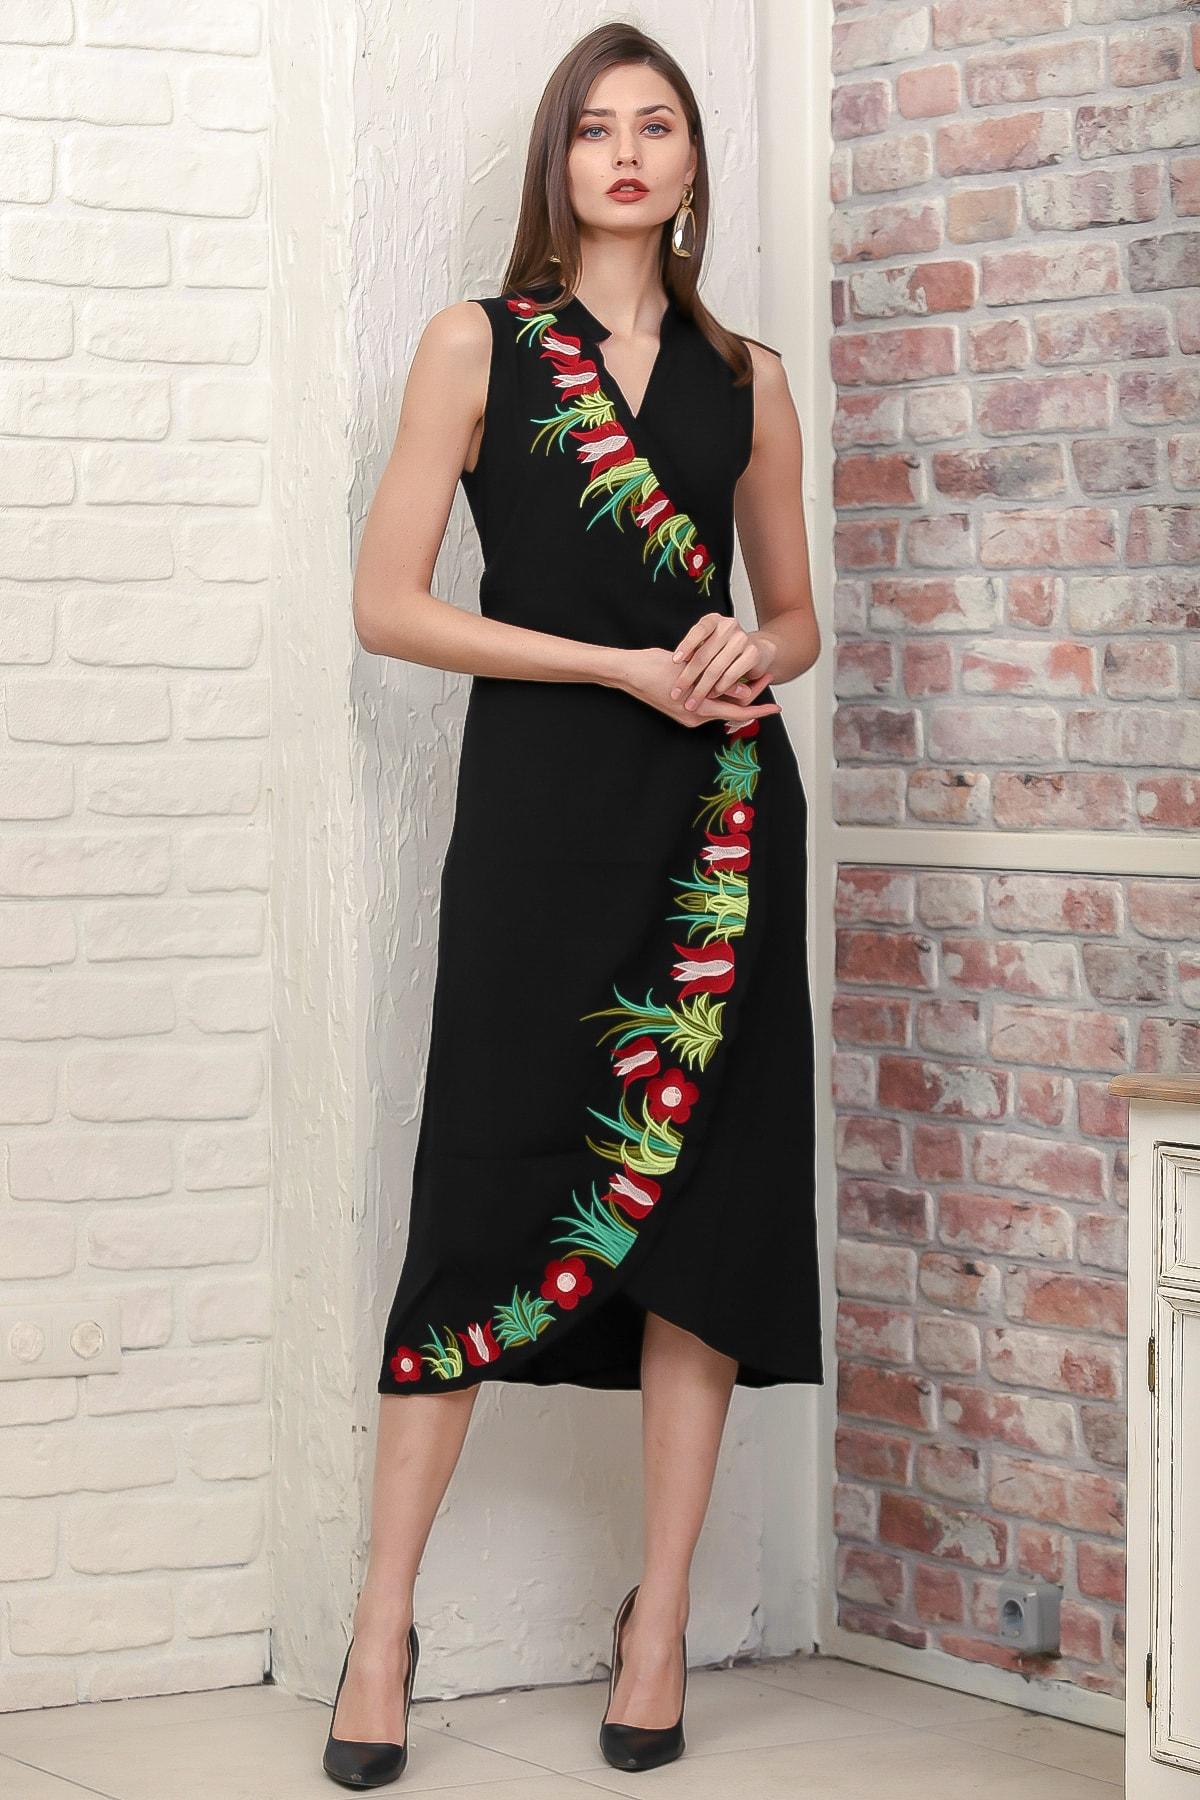 Chiccy Kadın Siyah Kruvaze Lale Nakışlı Ayaklı Yakalı Anvelop Kuşaklı Dokuma Elbise M10160000EL95887 0